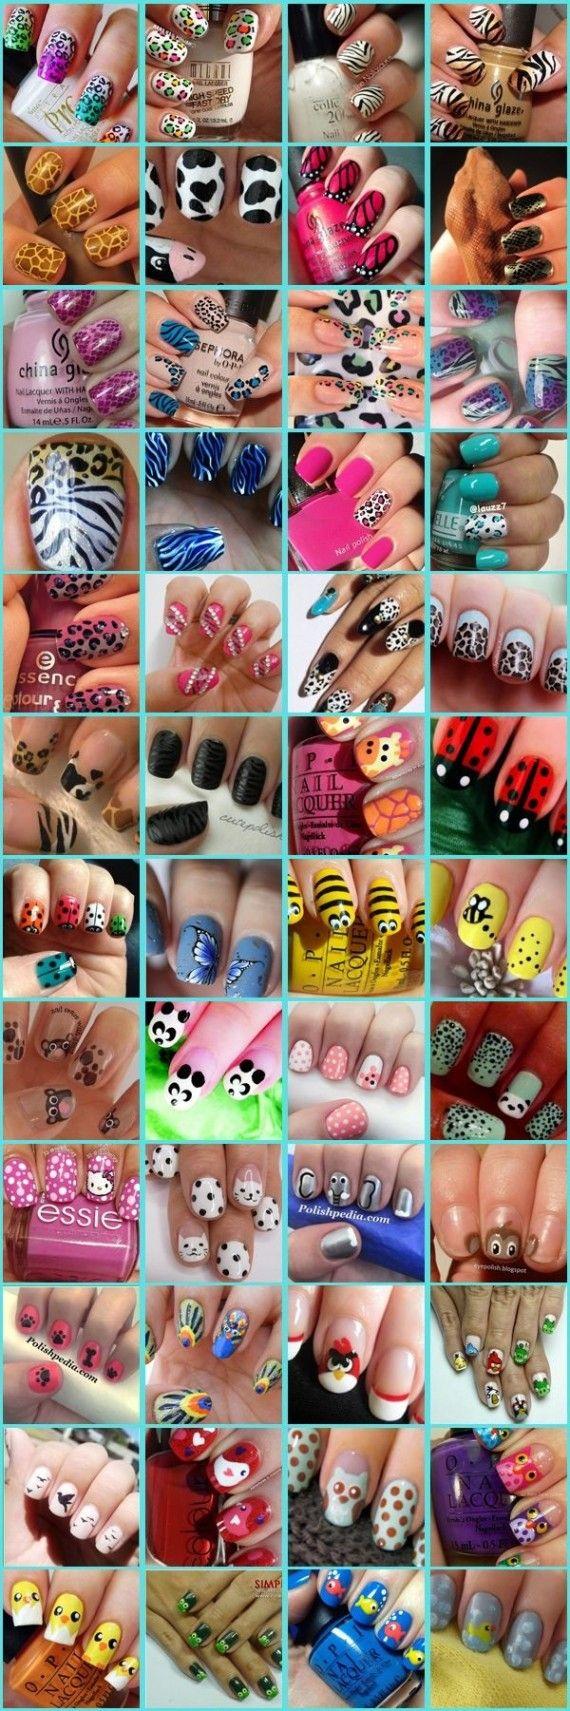 48 Decoraciones kawaii para tus uñas | Decoración de Uñas - Manicura y Nail Art